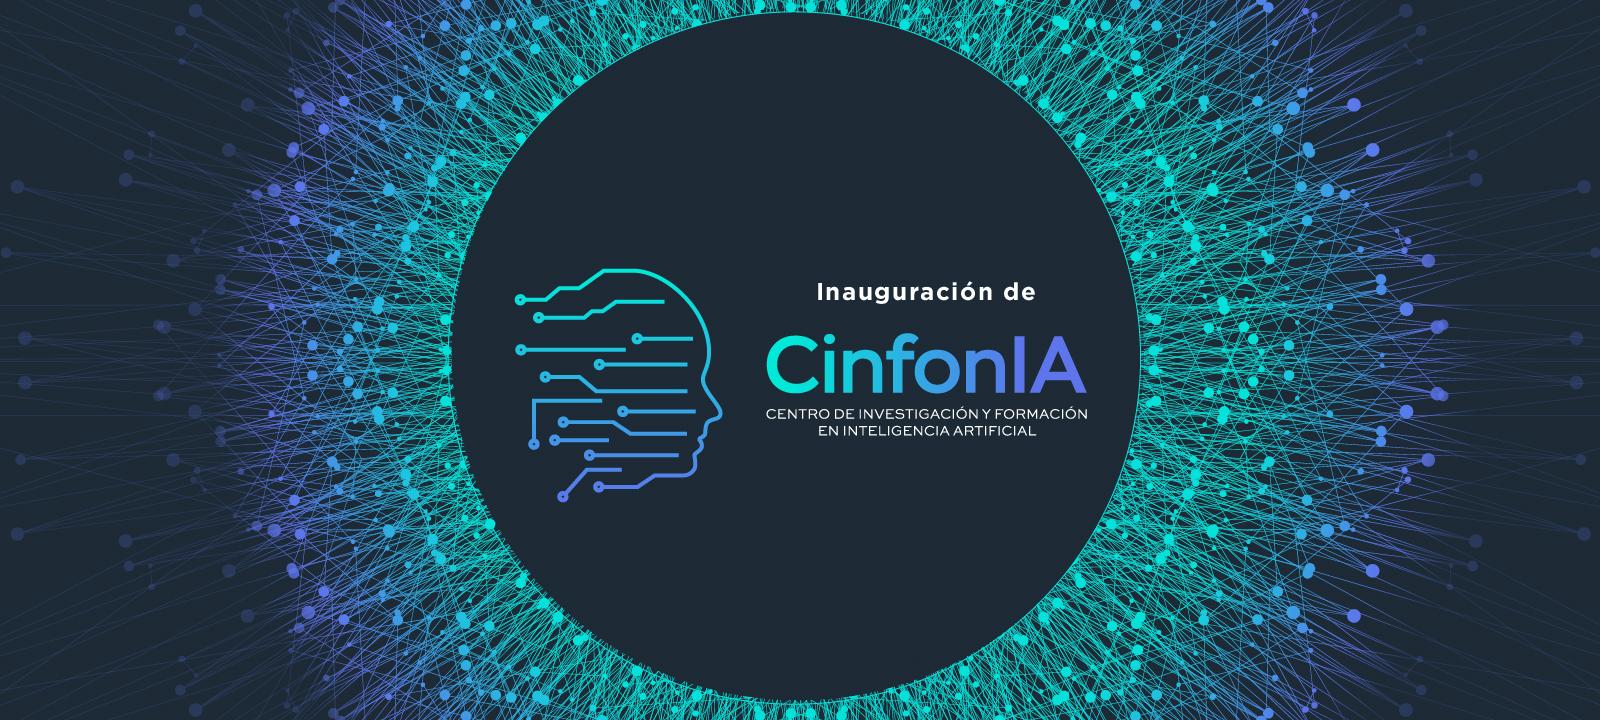 Inauguración de Cinfonia, el nuevo Centro para la Investigación y Formación en Inteligencia Artificial de Los Andes